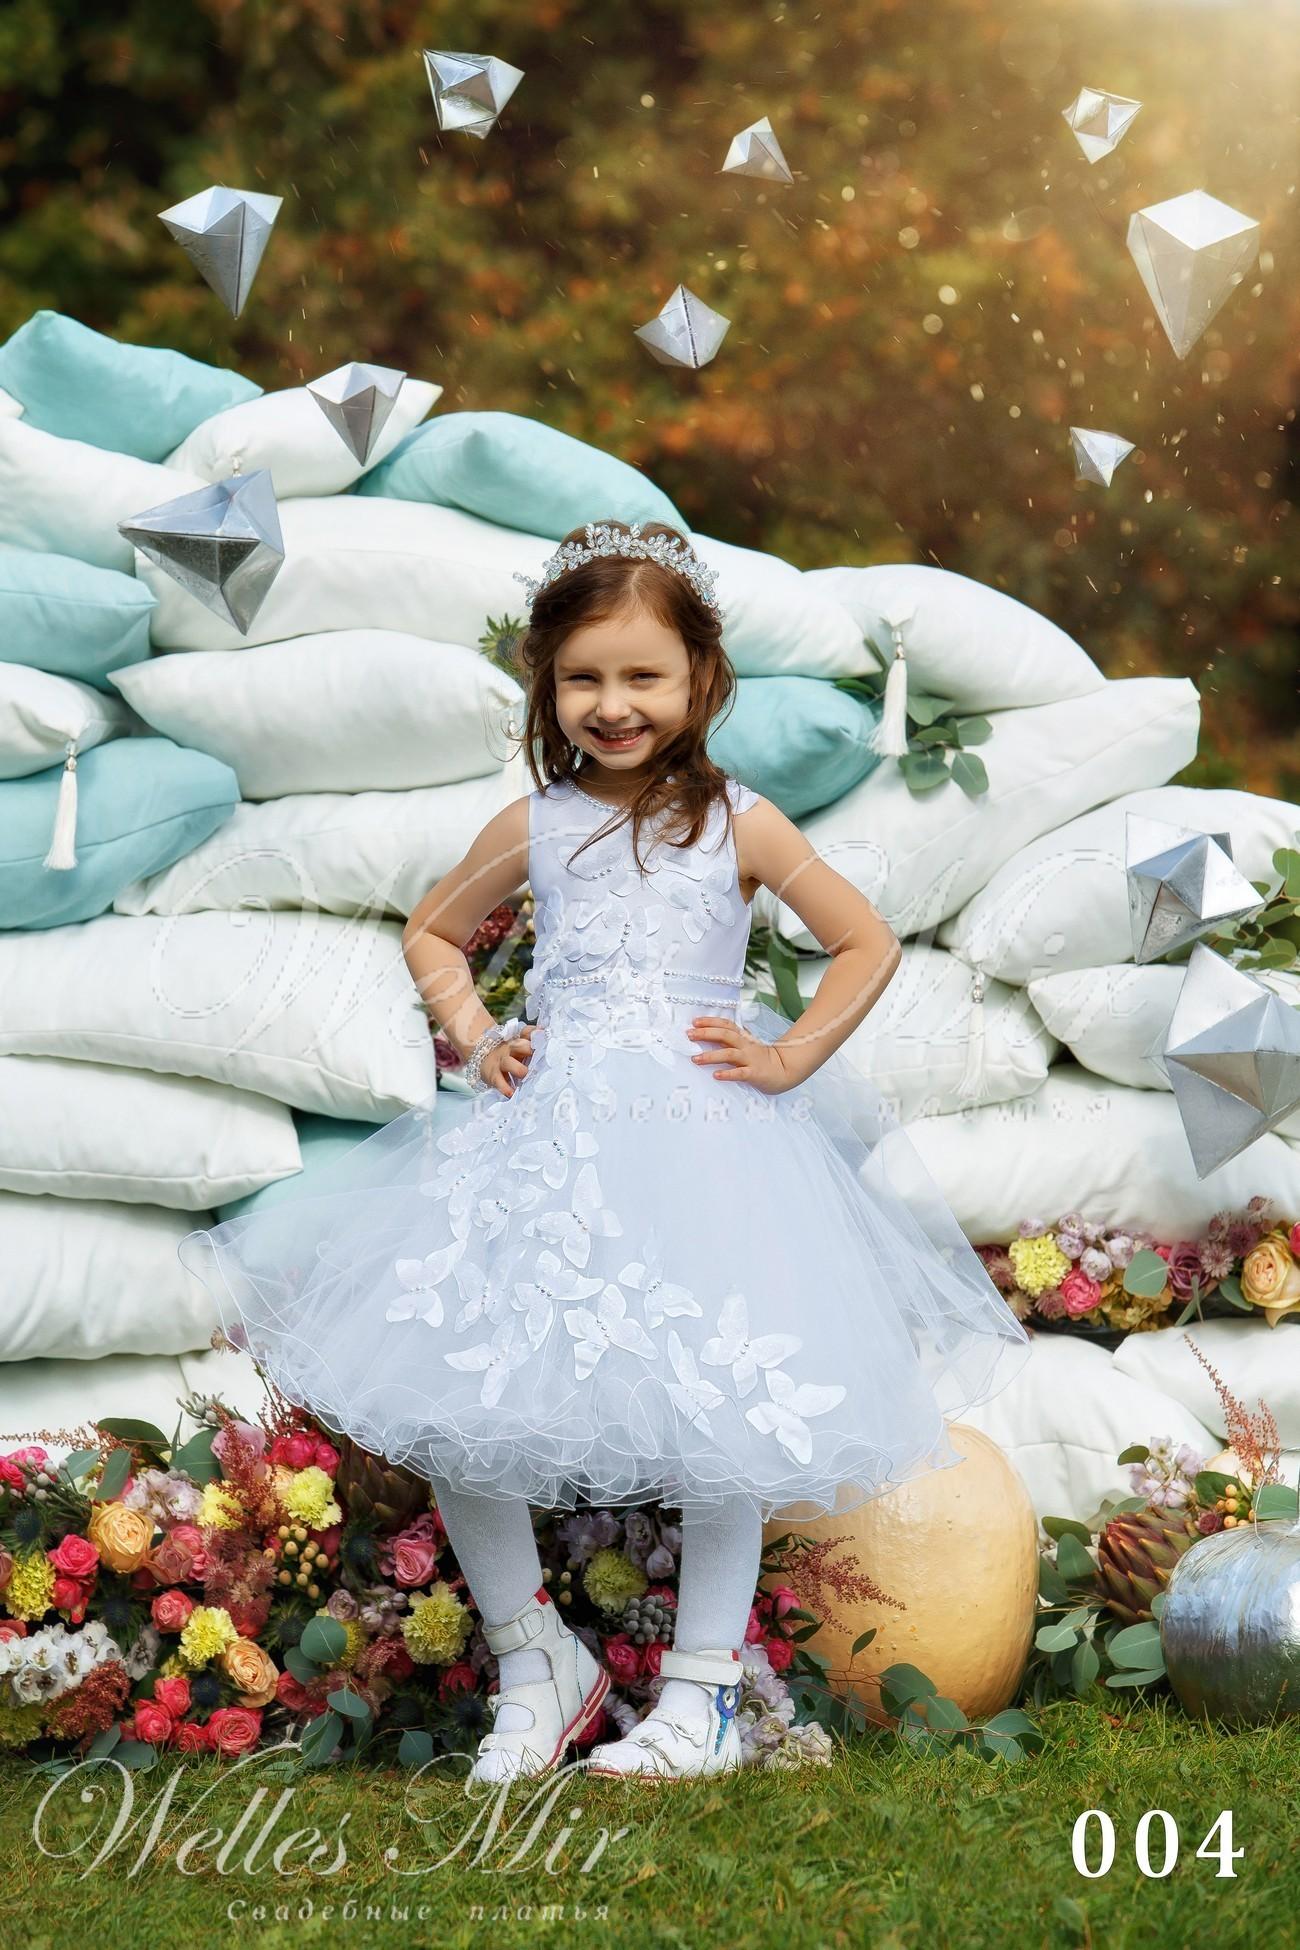 Дитячі нарядні сукні Wellesmir